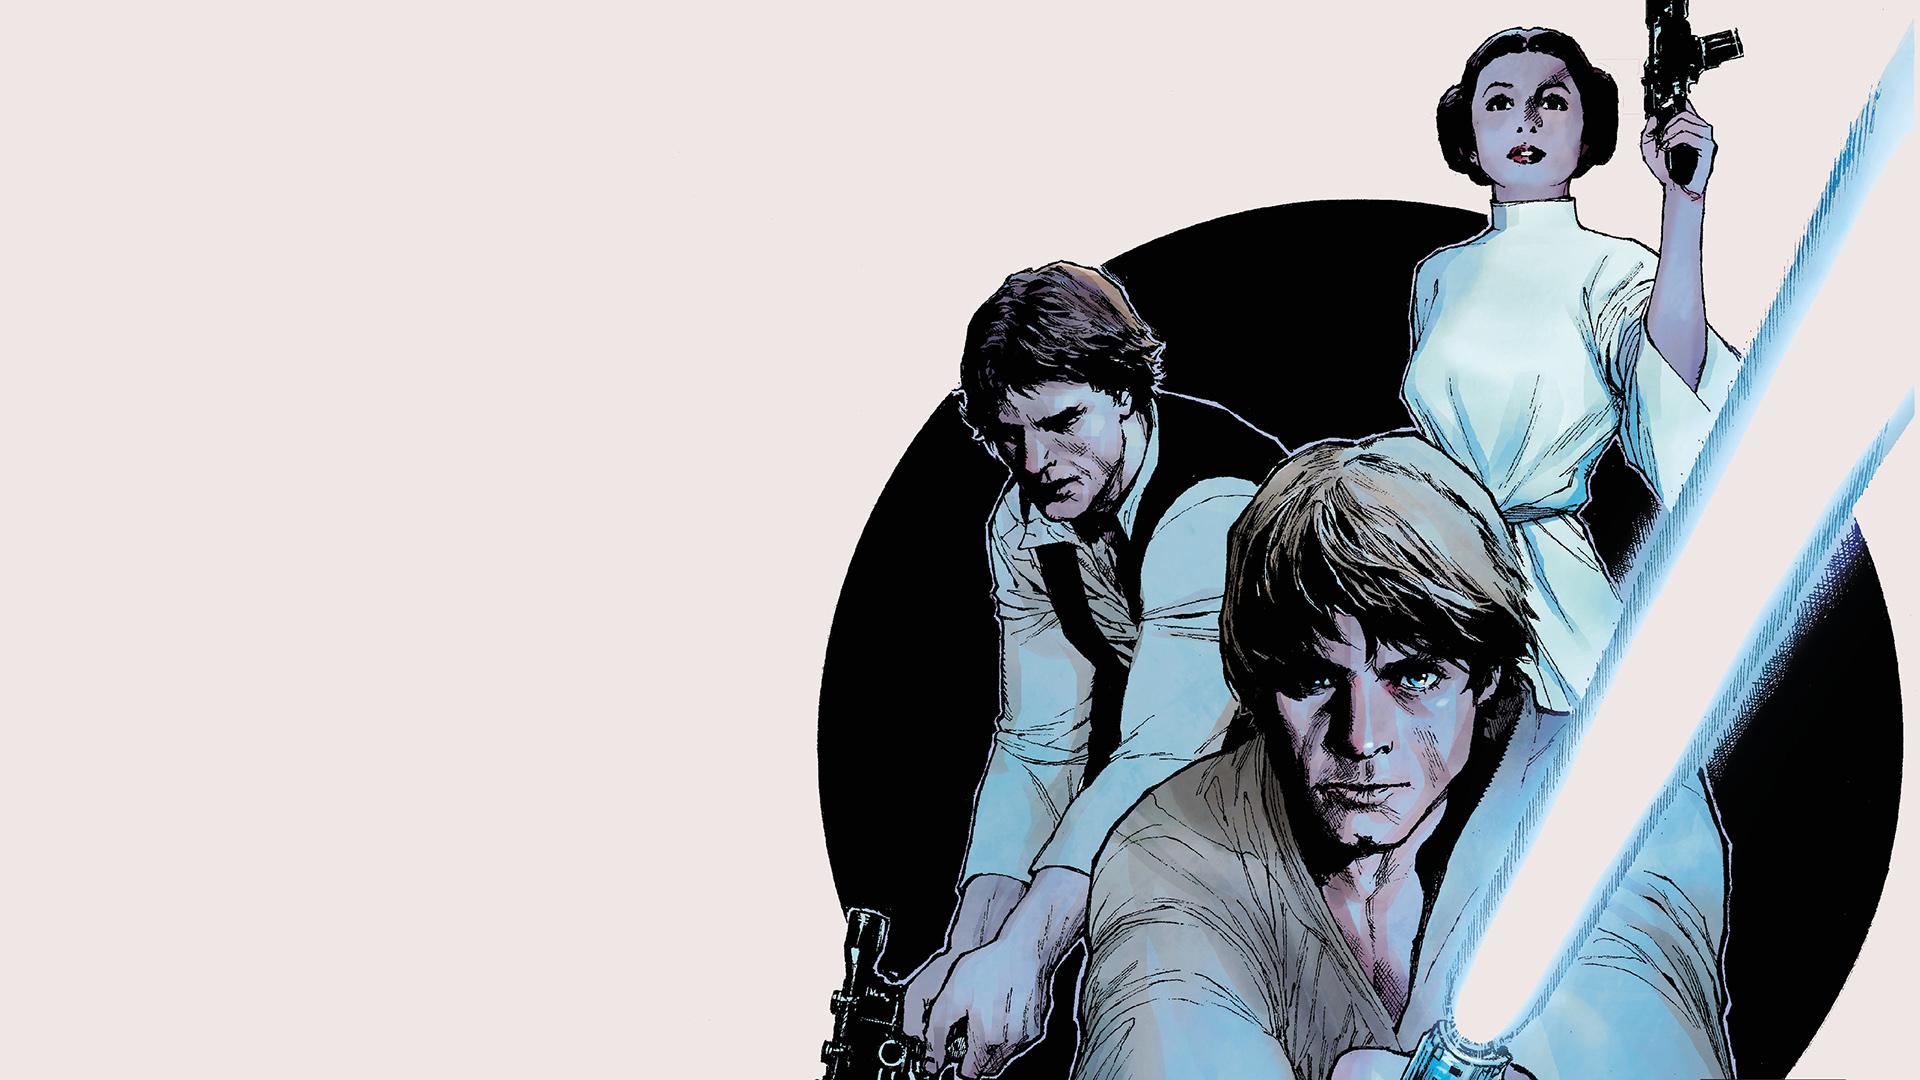 Han Solo Luke Skywalker Princess Leia Star Wars HD